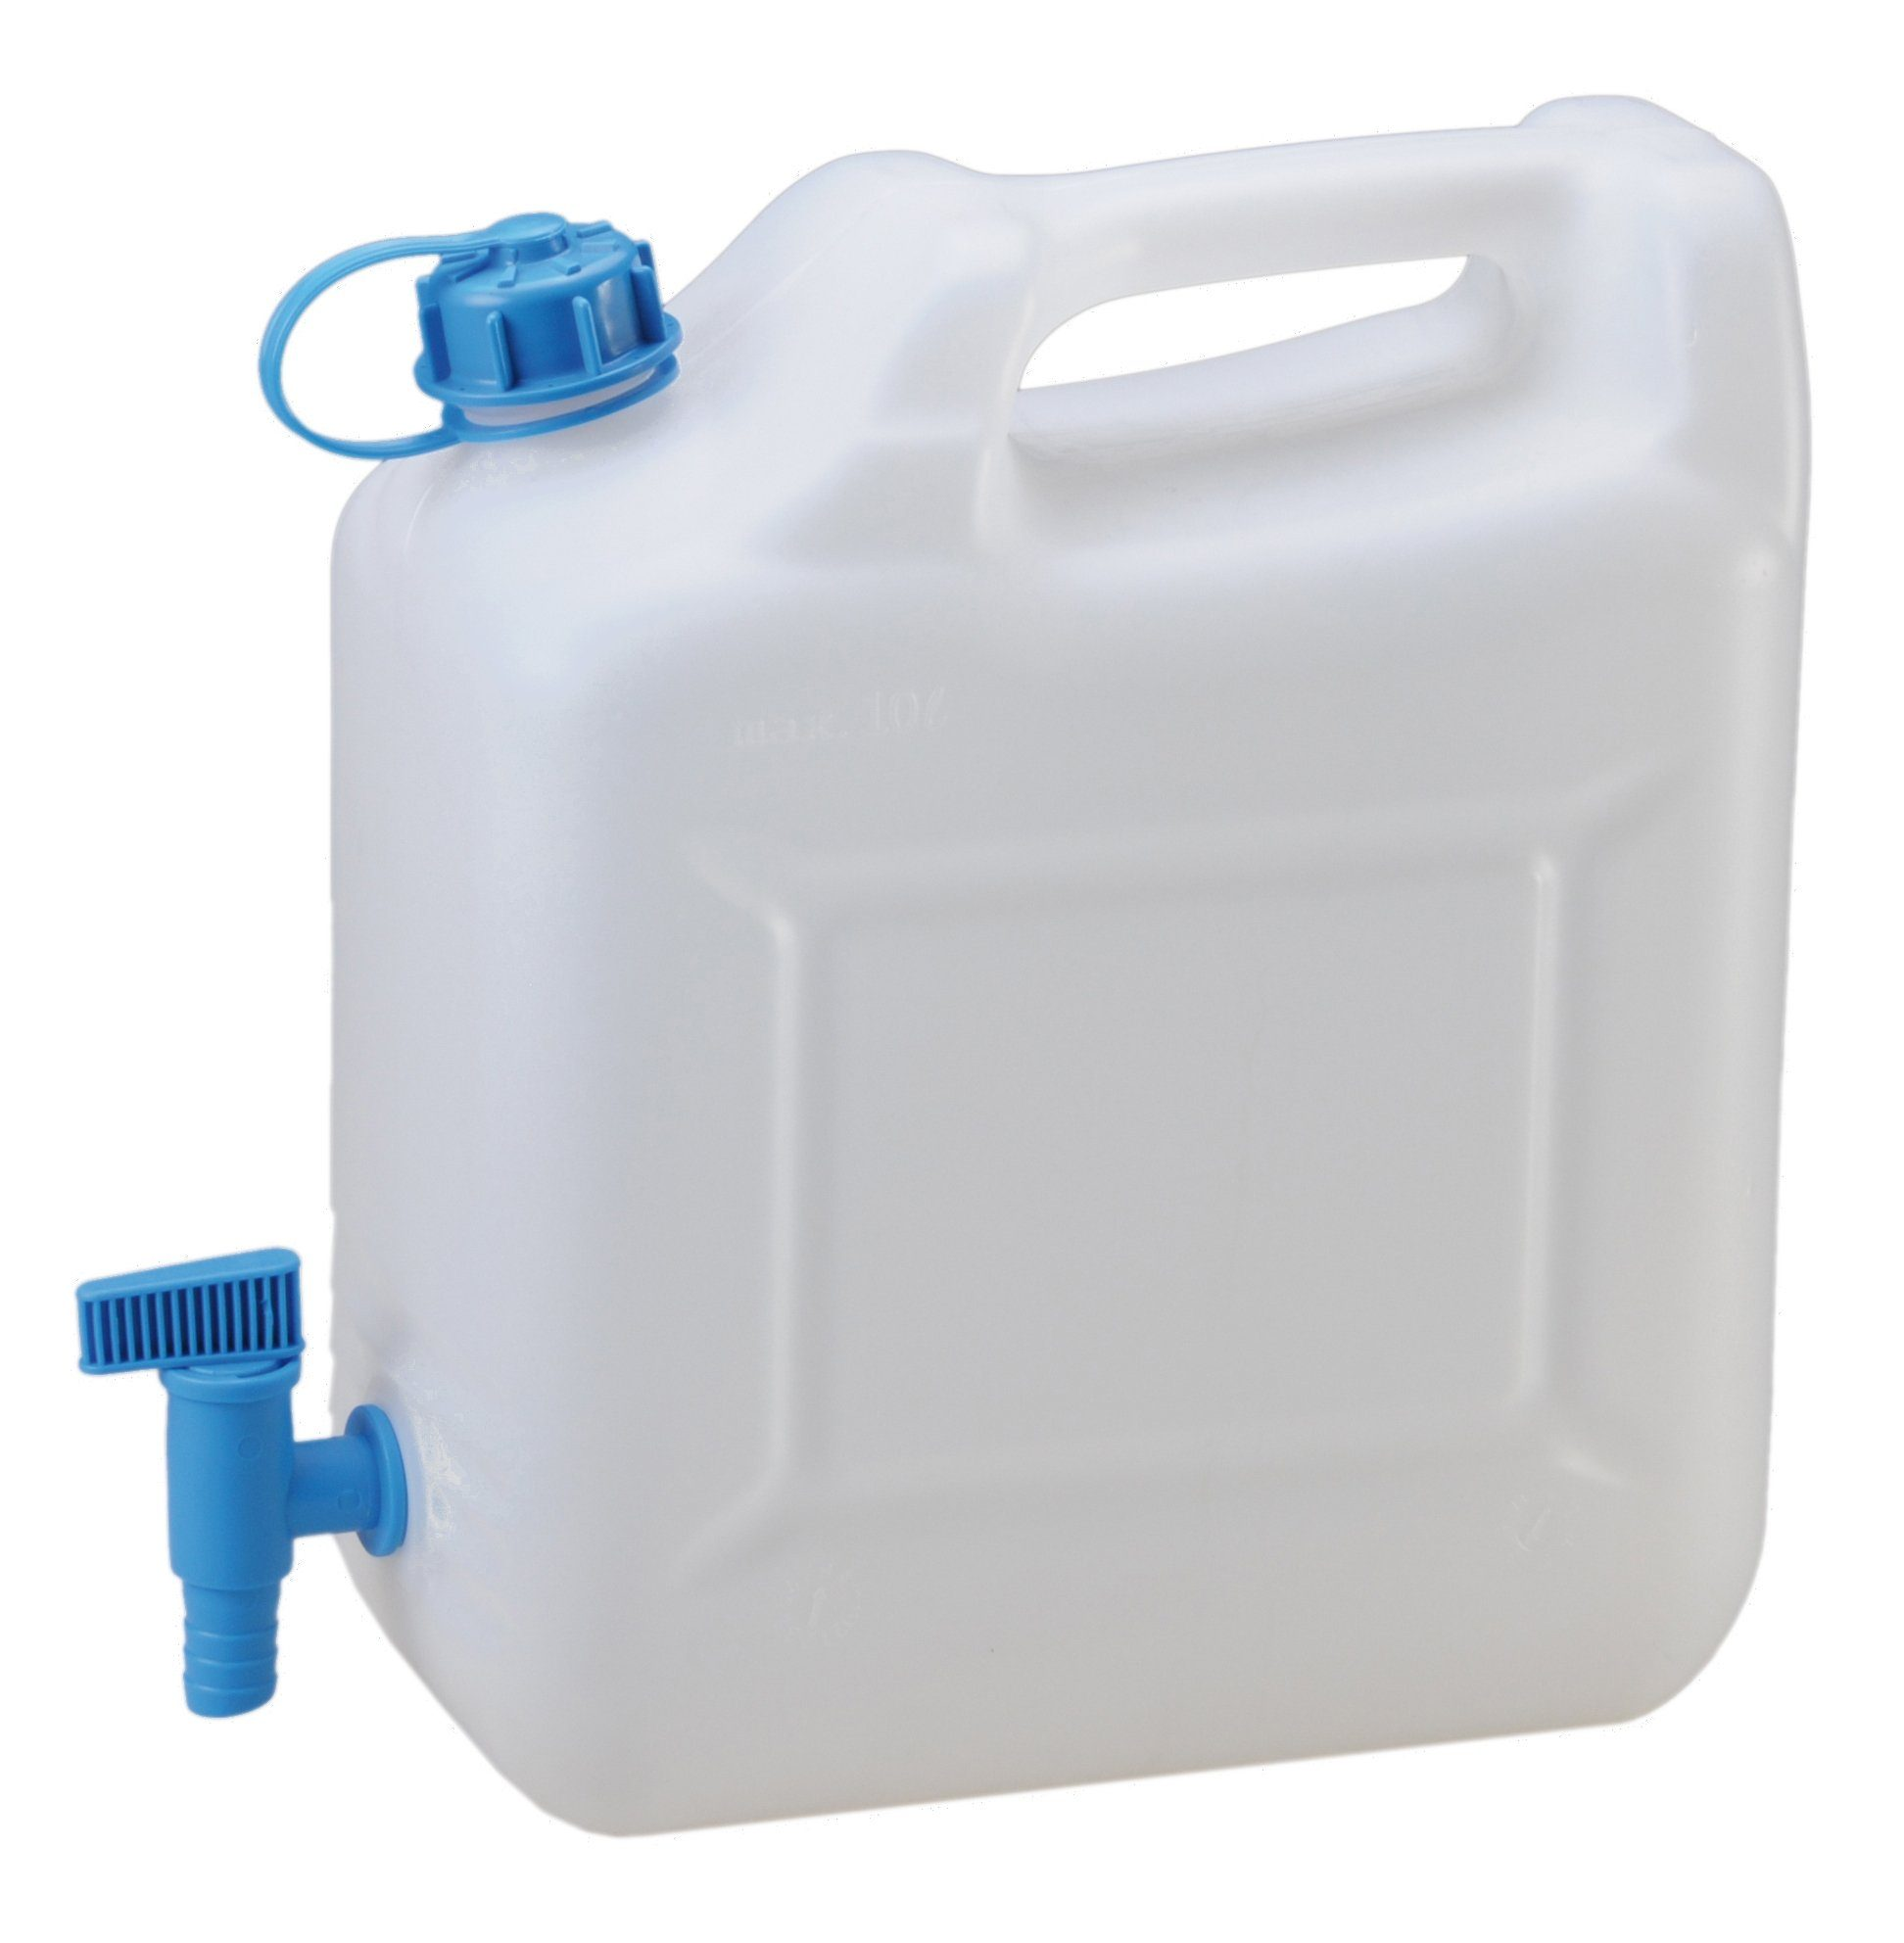 Hünersdorf Wasserkanister »Eco Wasserkanister 12L«